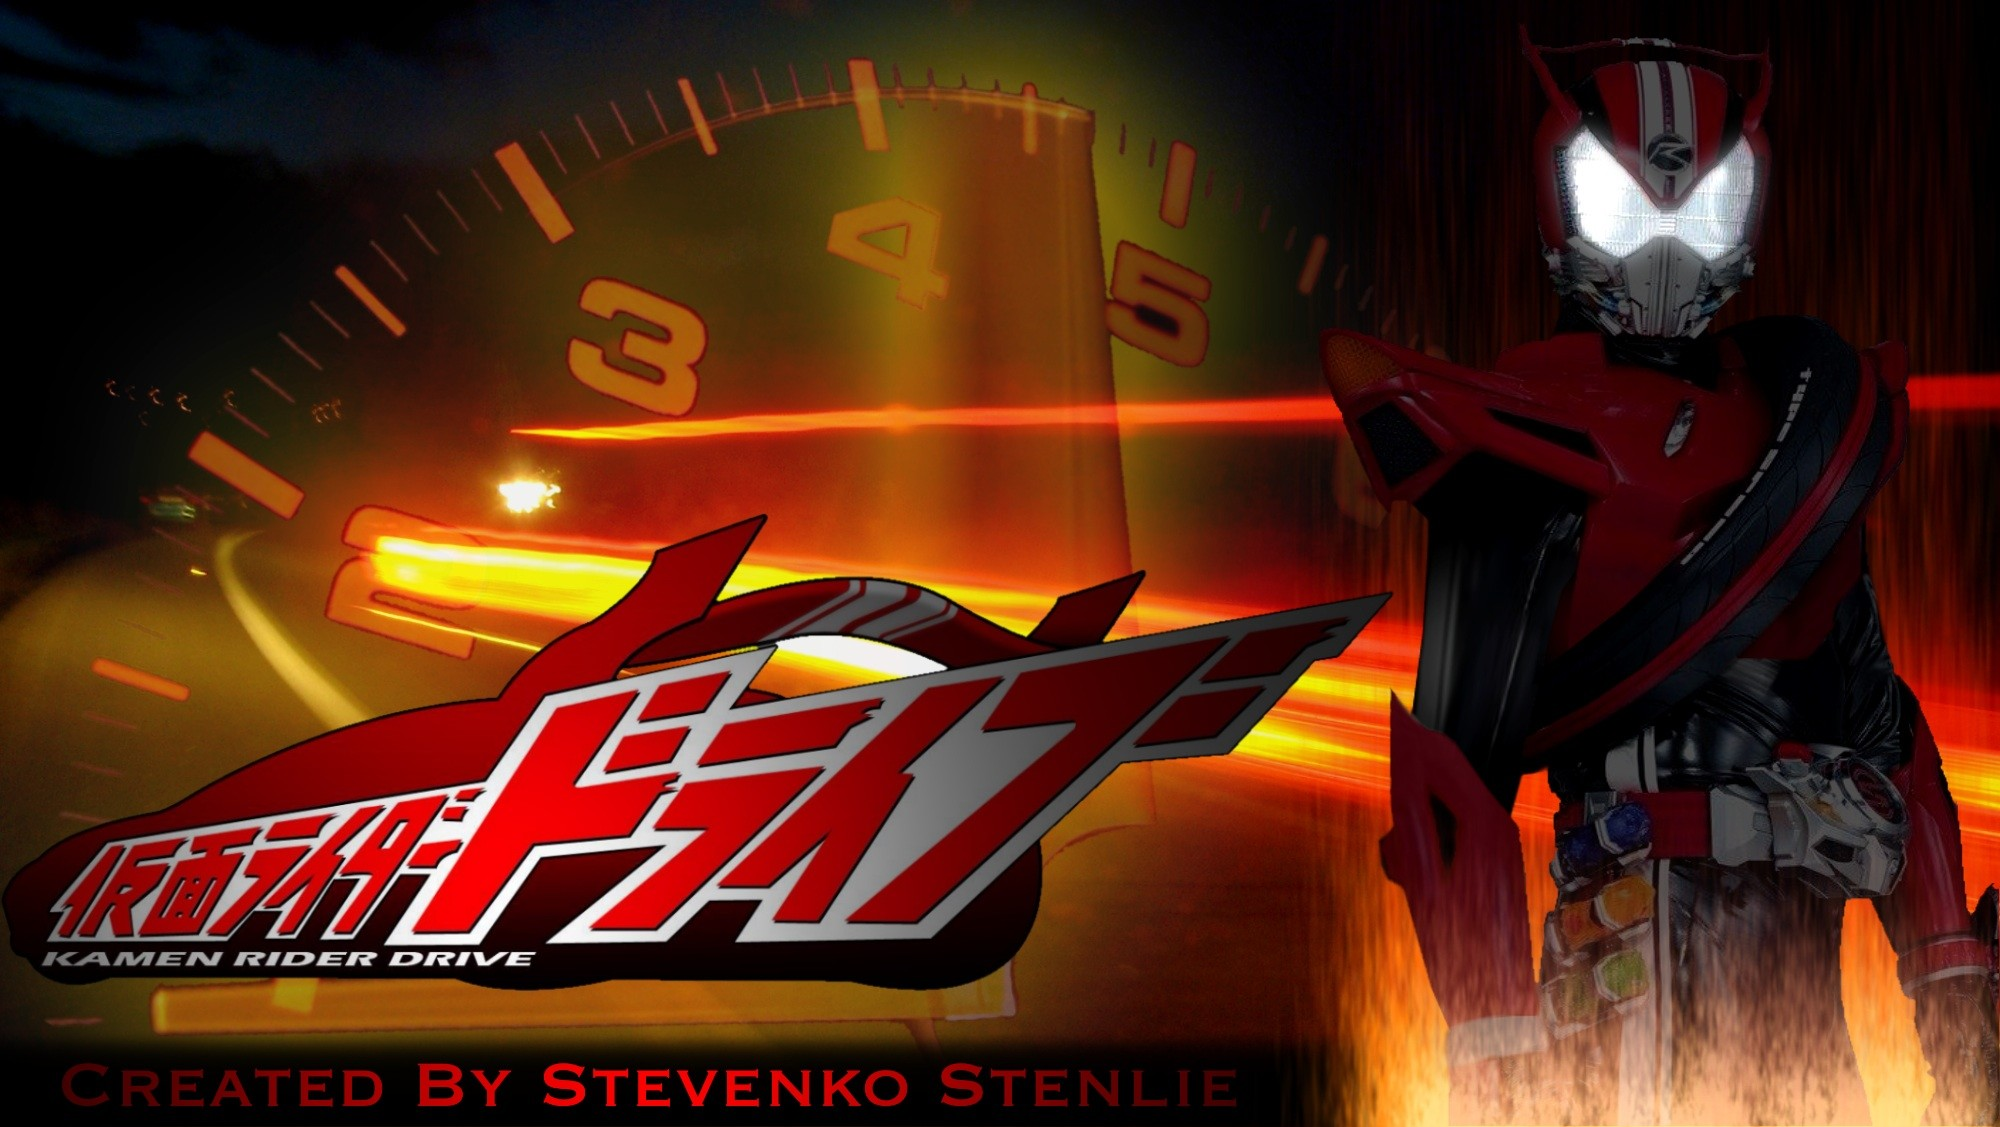 Res: 2000x1127, ... Kamen Rider Drive - Wallpaper by stevenkostenlie